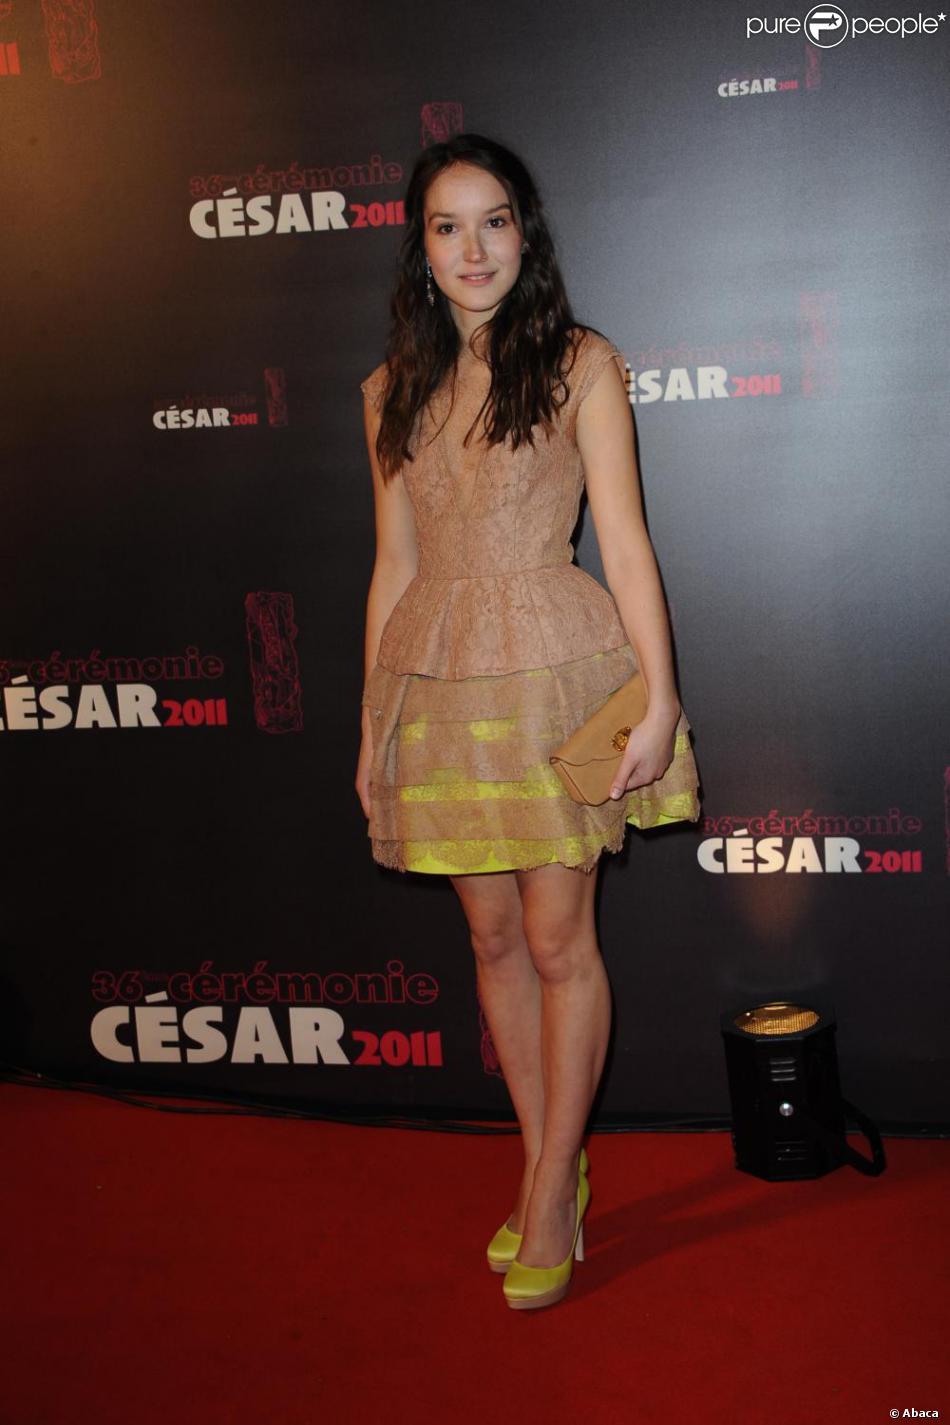 ba0104f48f9 Anaïs Demoustier était ravissante dans une robe bicolore lors de la  cérémonie des César le 25 février 2011.